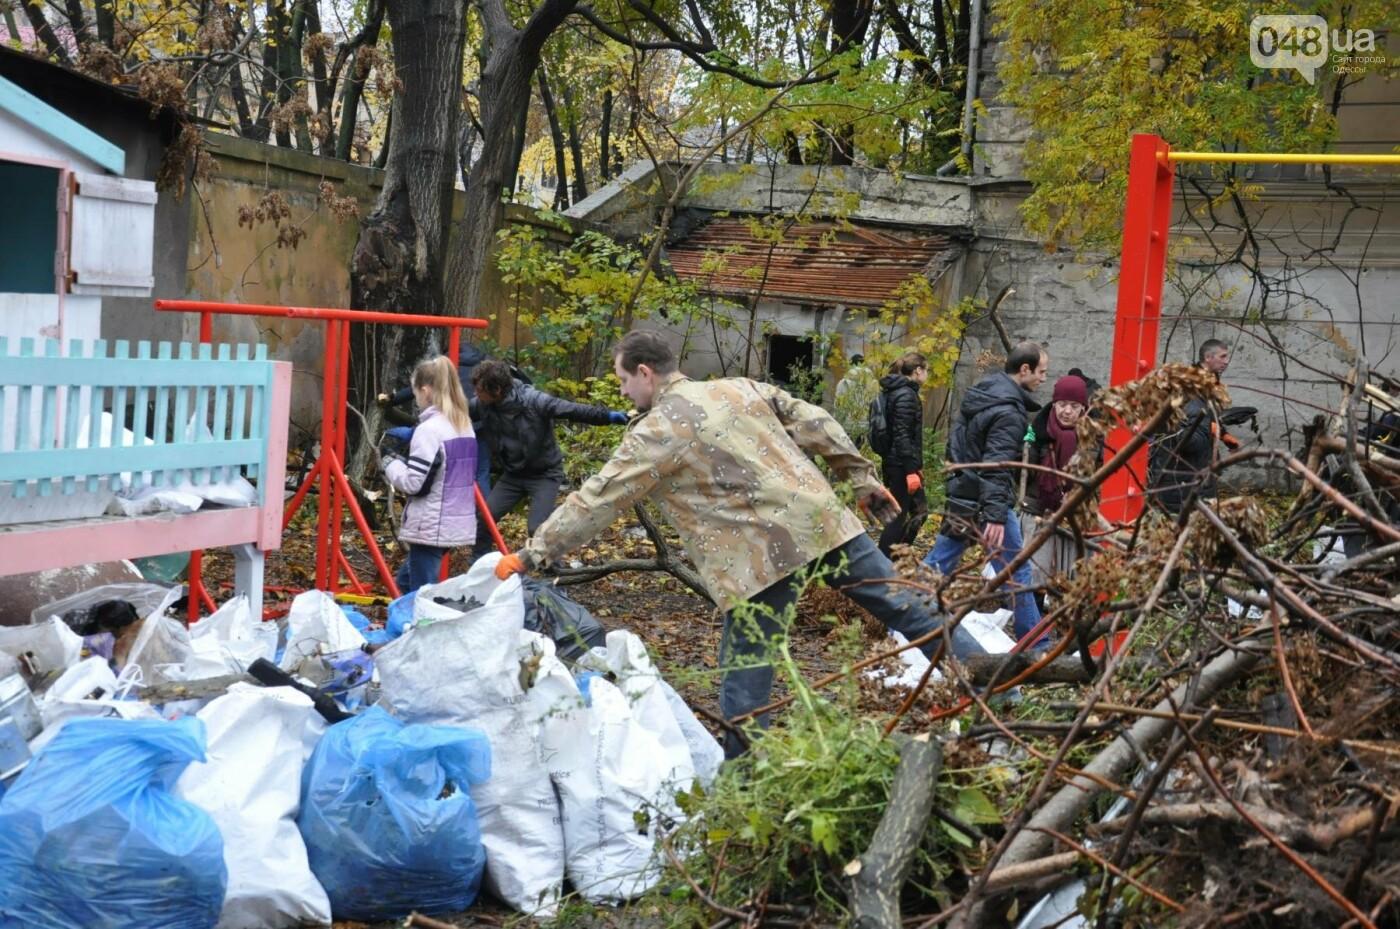 Активисты навели порядок в одесском Летнем театре (ФОТО), фото-18